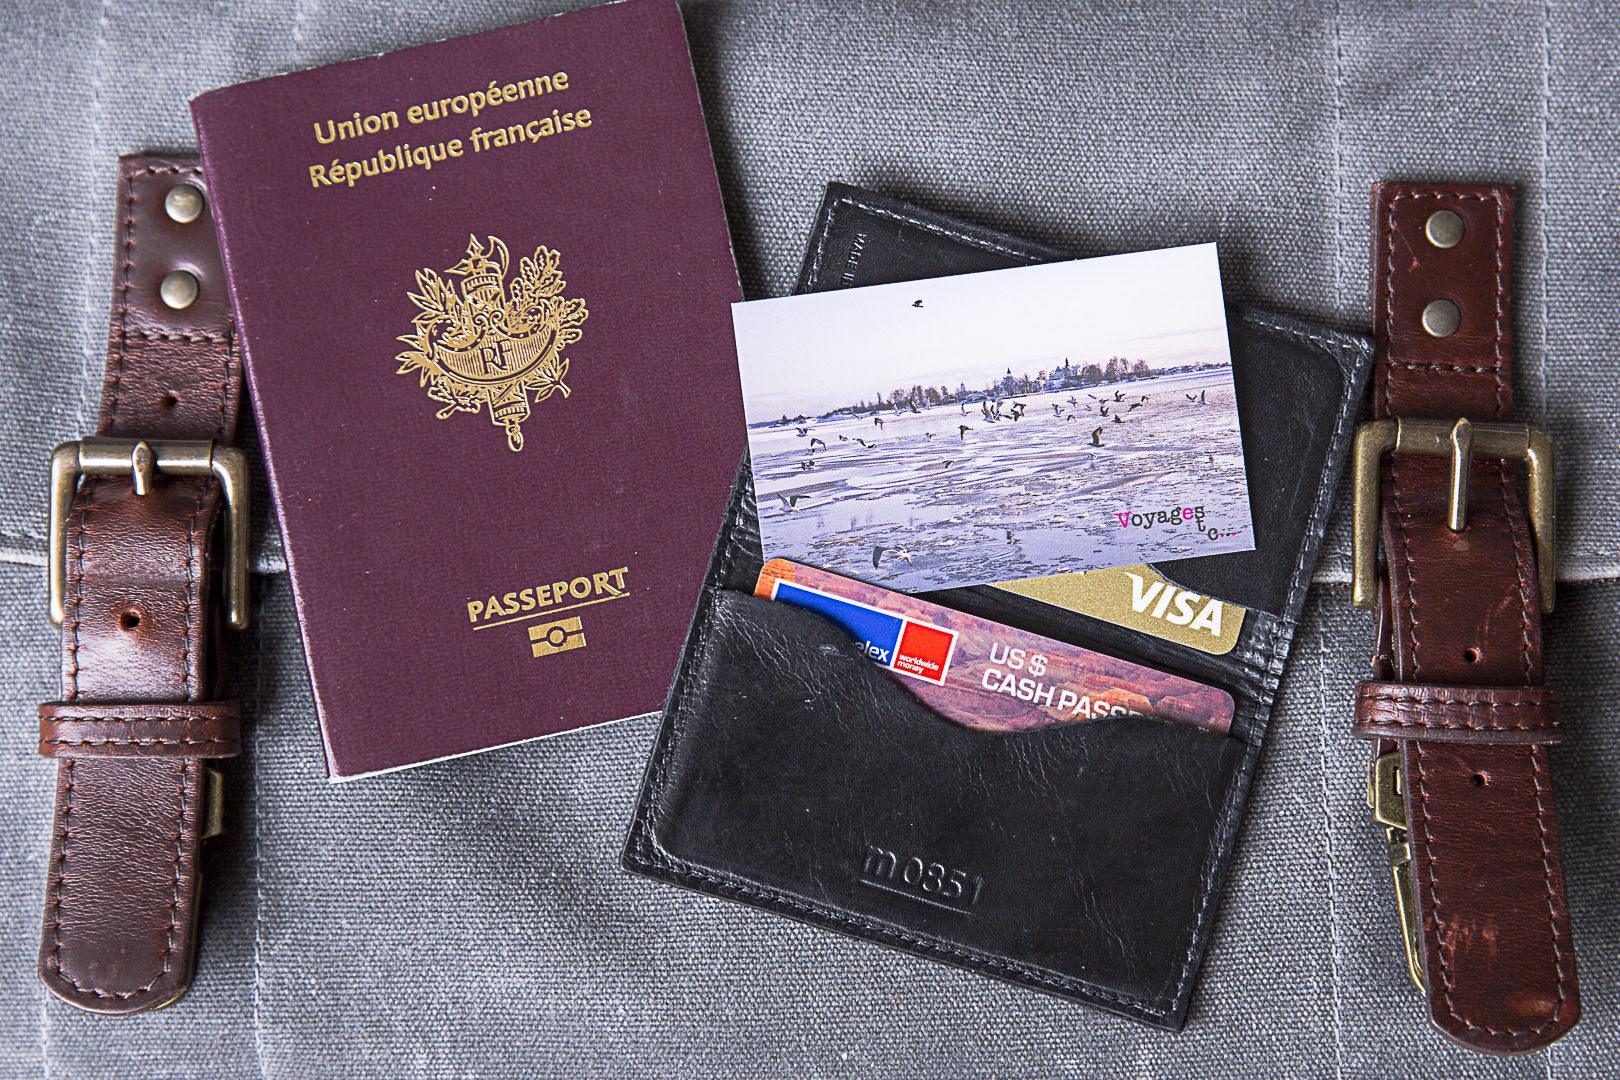 Carte Bancaire Bloquee A L Etranger Que Faire Voyages Etc